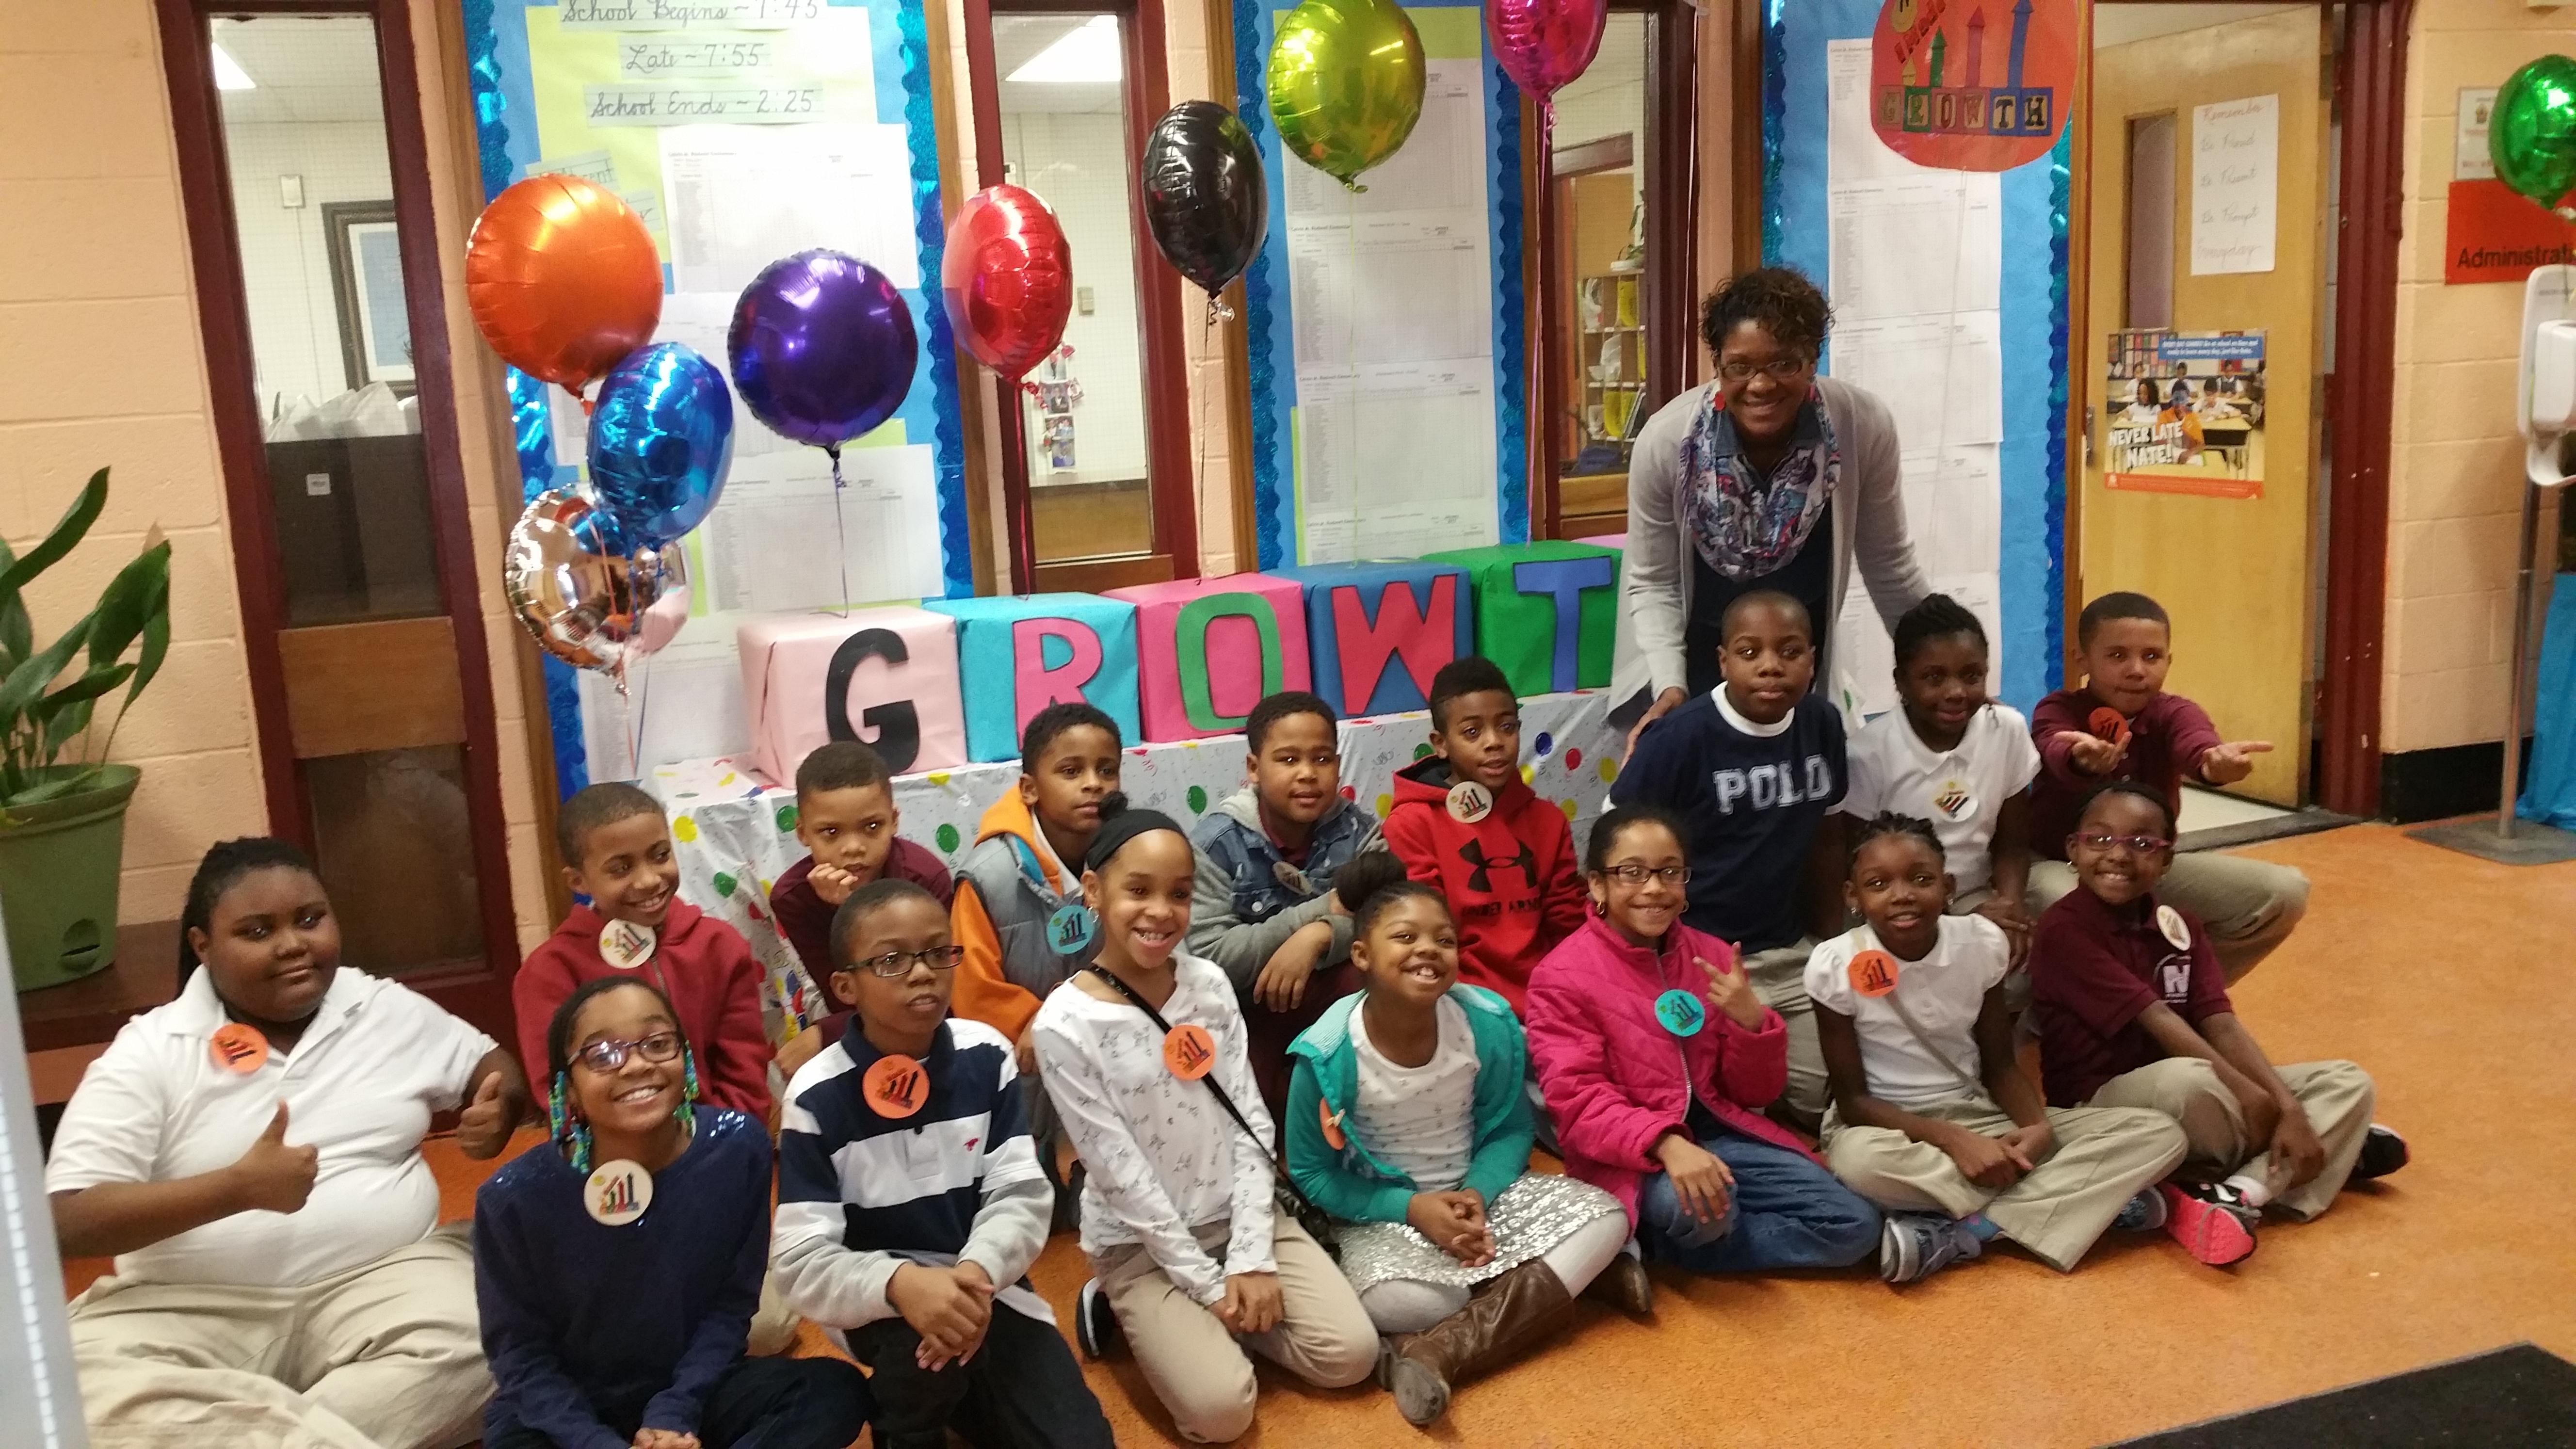 Worksheet Reading Programs For Elementary Students programs for elementary students laptuoso reading laptuoso